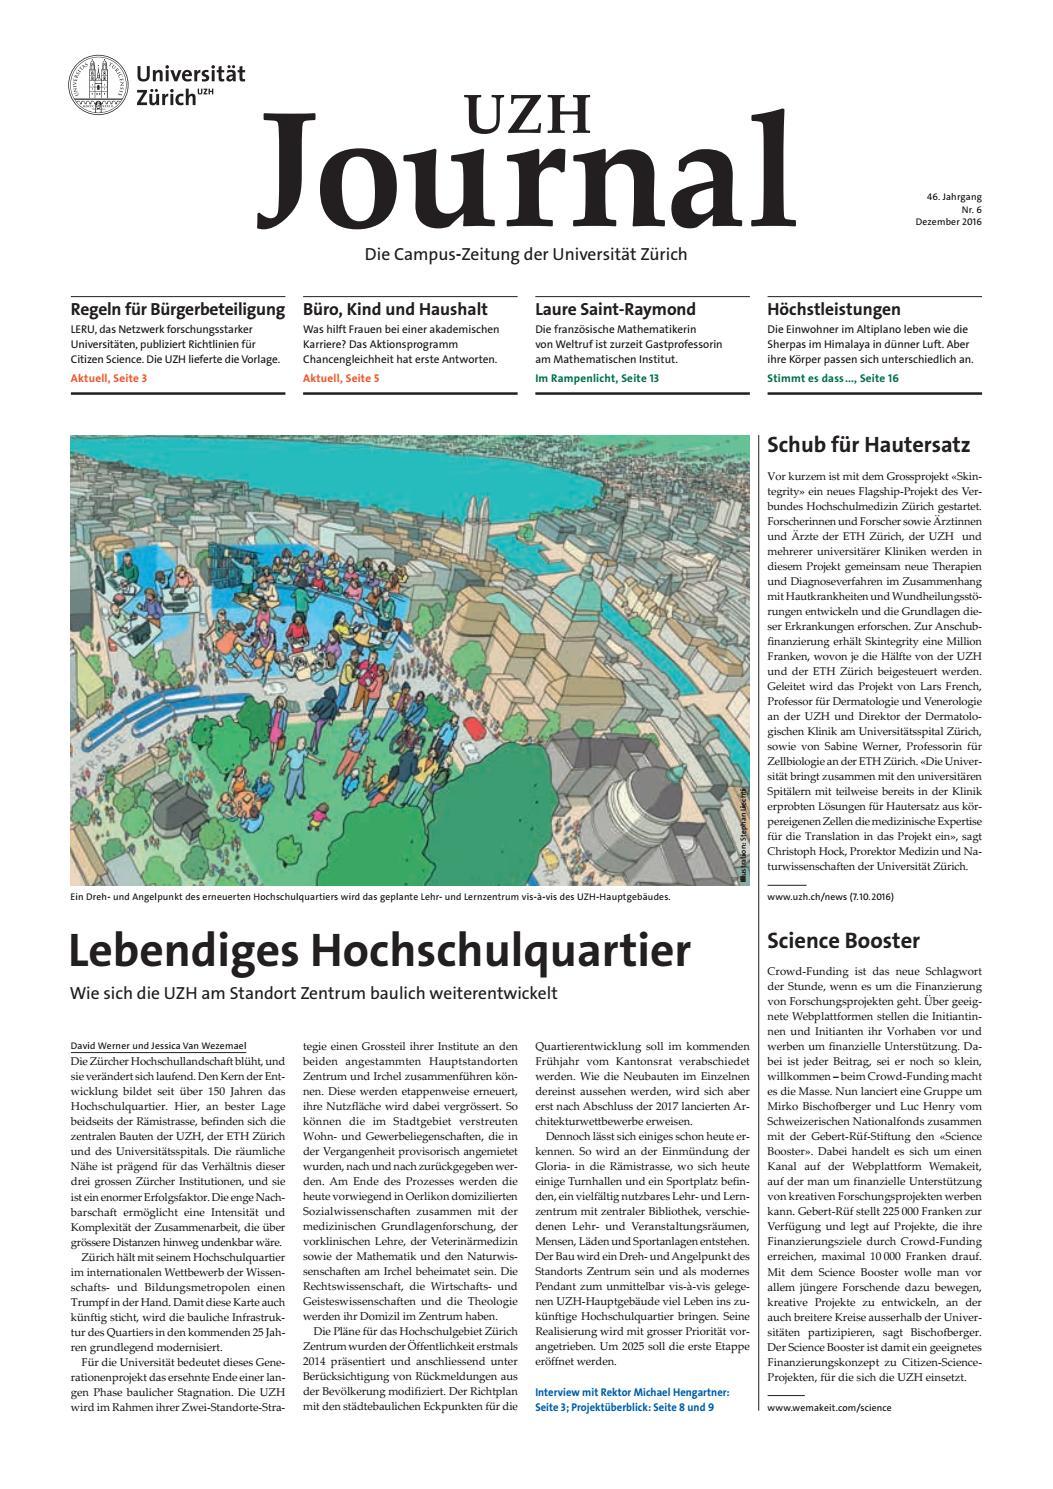 UZH Journal 6/16 by University of Zurich - issuu